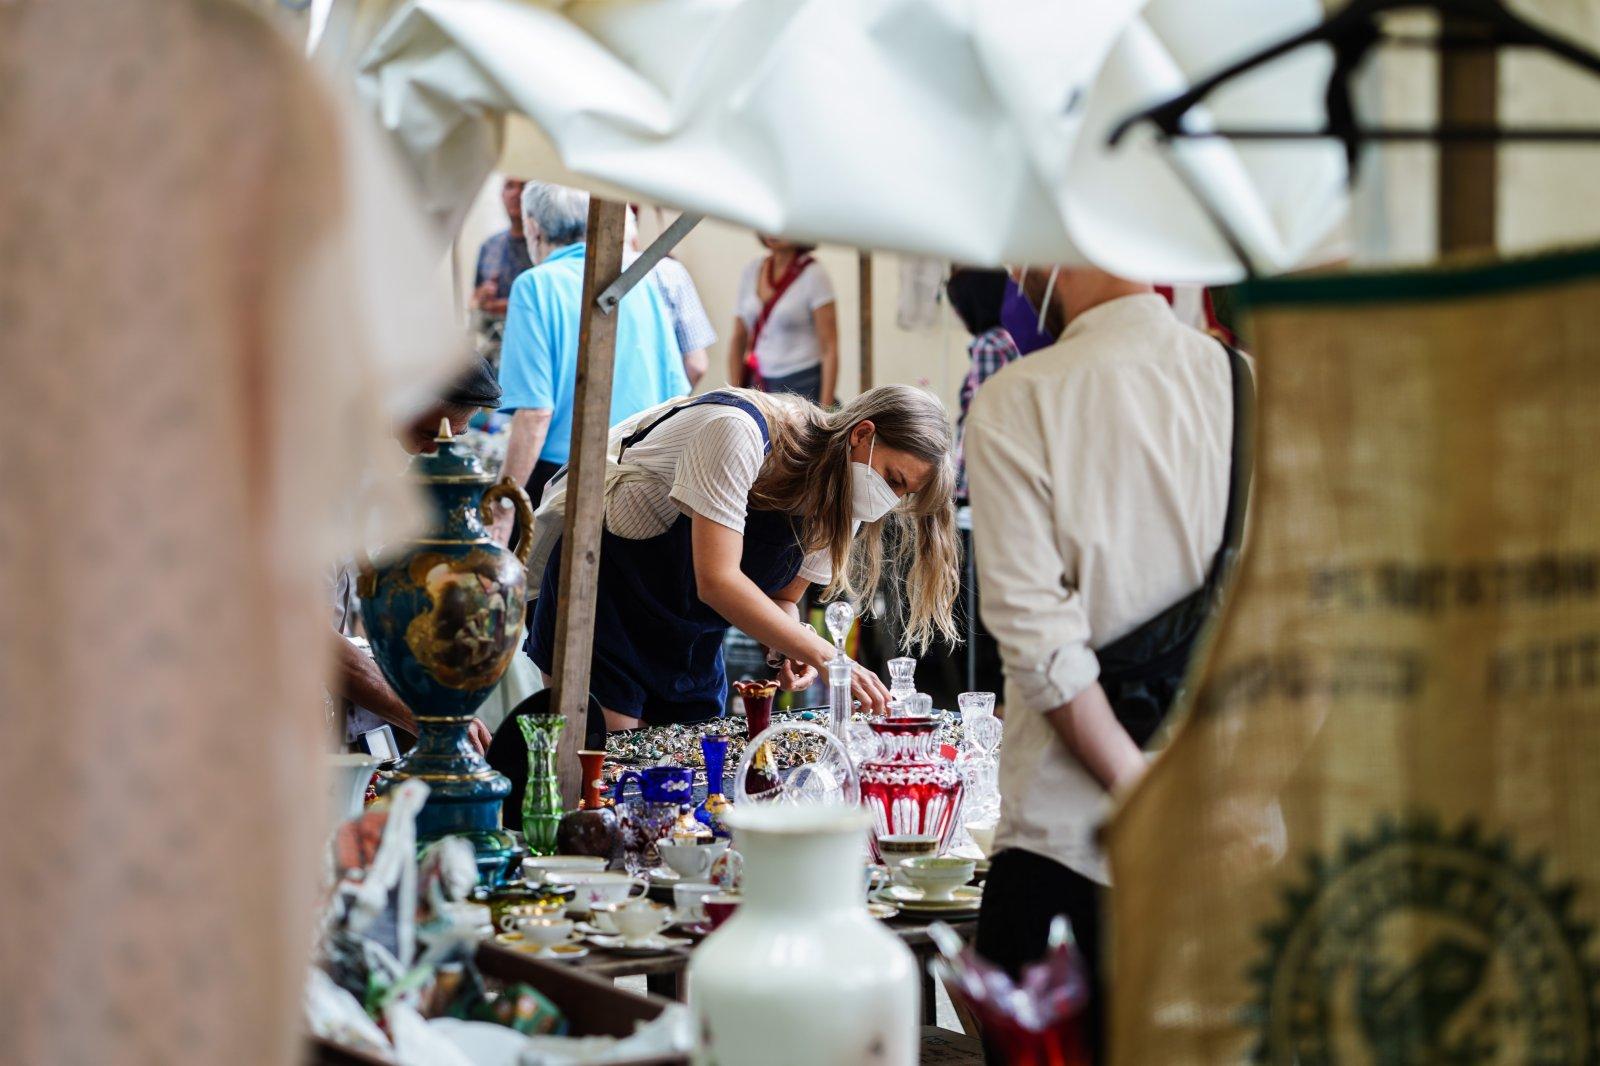 6月6日,一名女子在德國首都柏林的一處「跳蚤市場」內購物。(新華社)